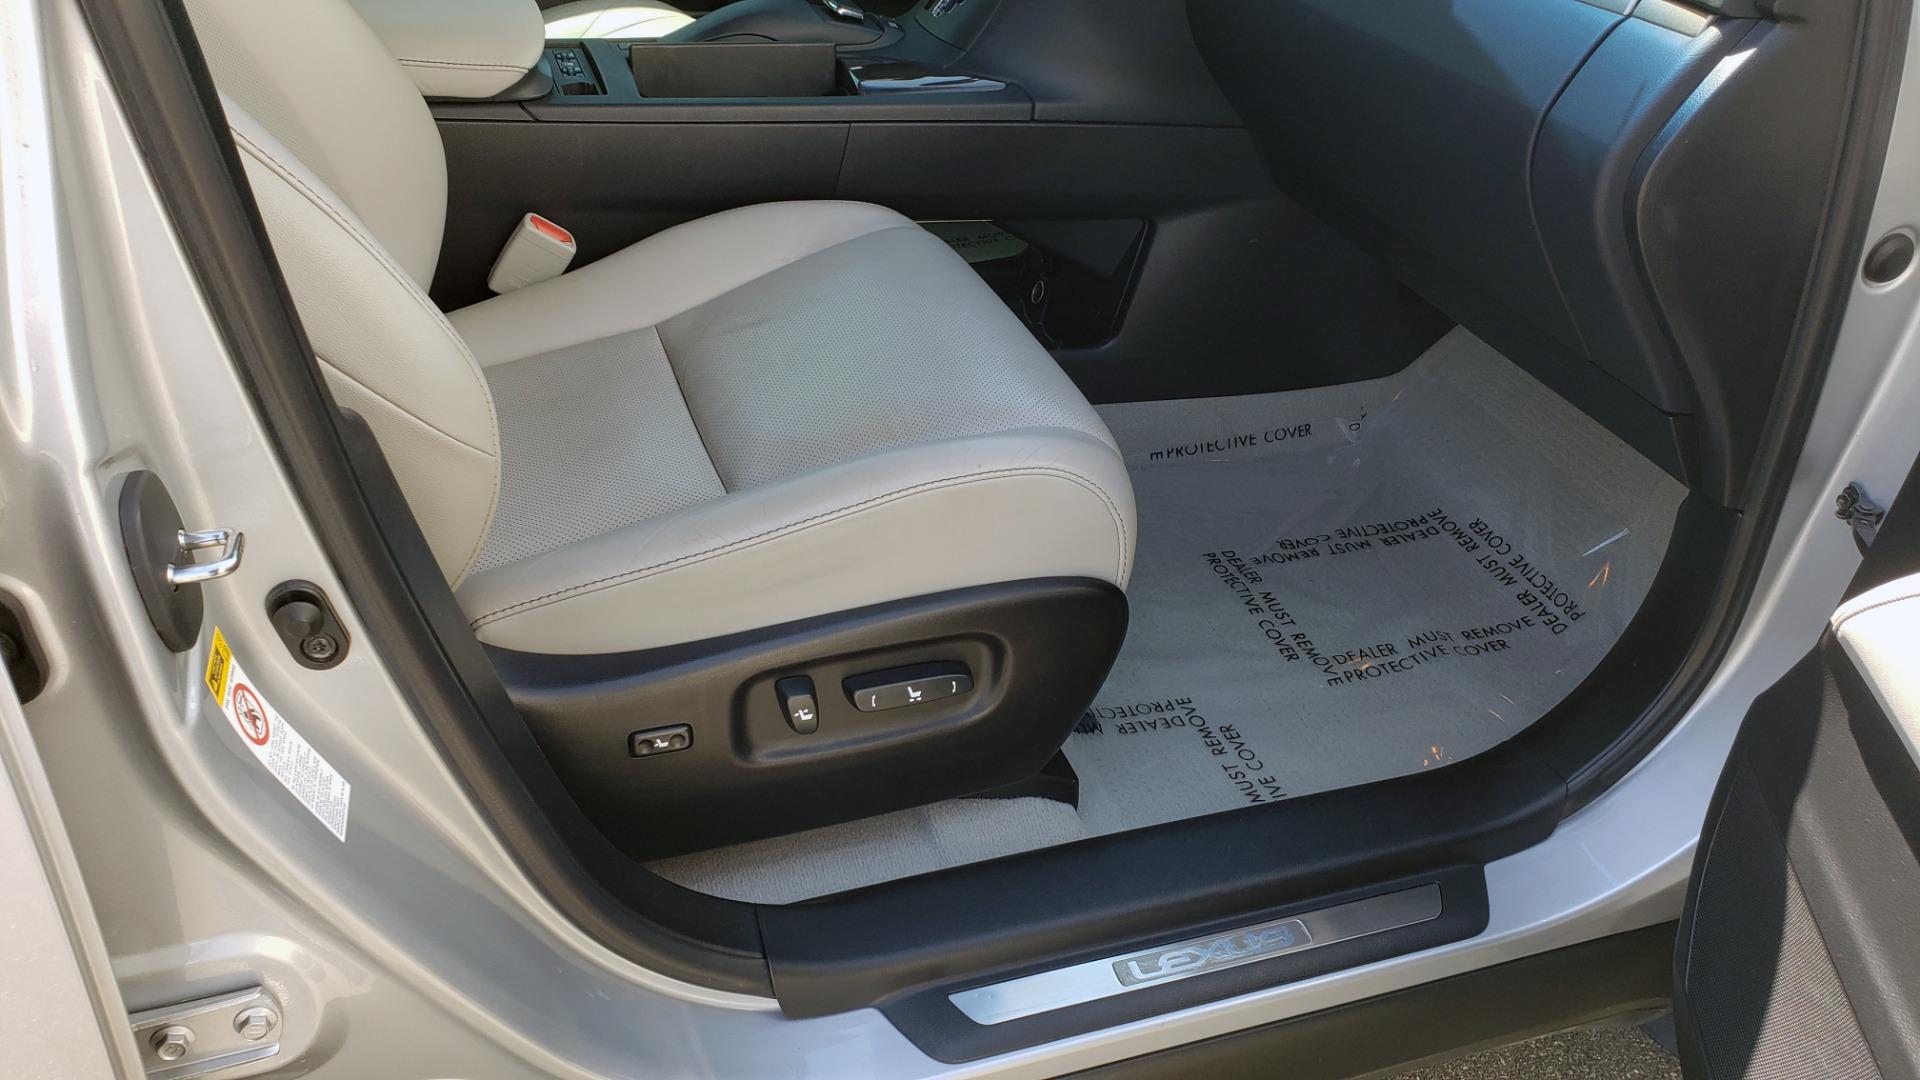 Used 2015 Lexus RX 450H AWD / PREM PKG / NAV / PARK ASST / HUD / BLIND SPOT MONITOR for sale Sold at Formula Imports in Charlotte NC 28227 70